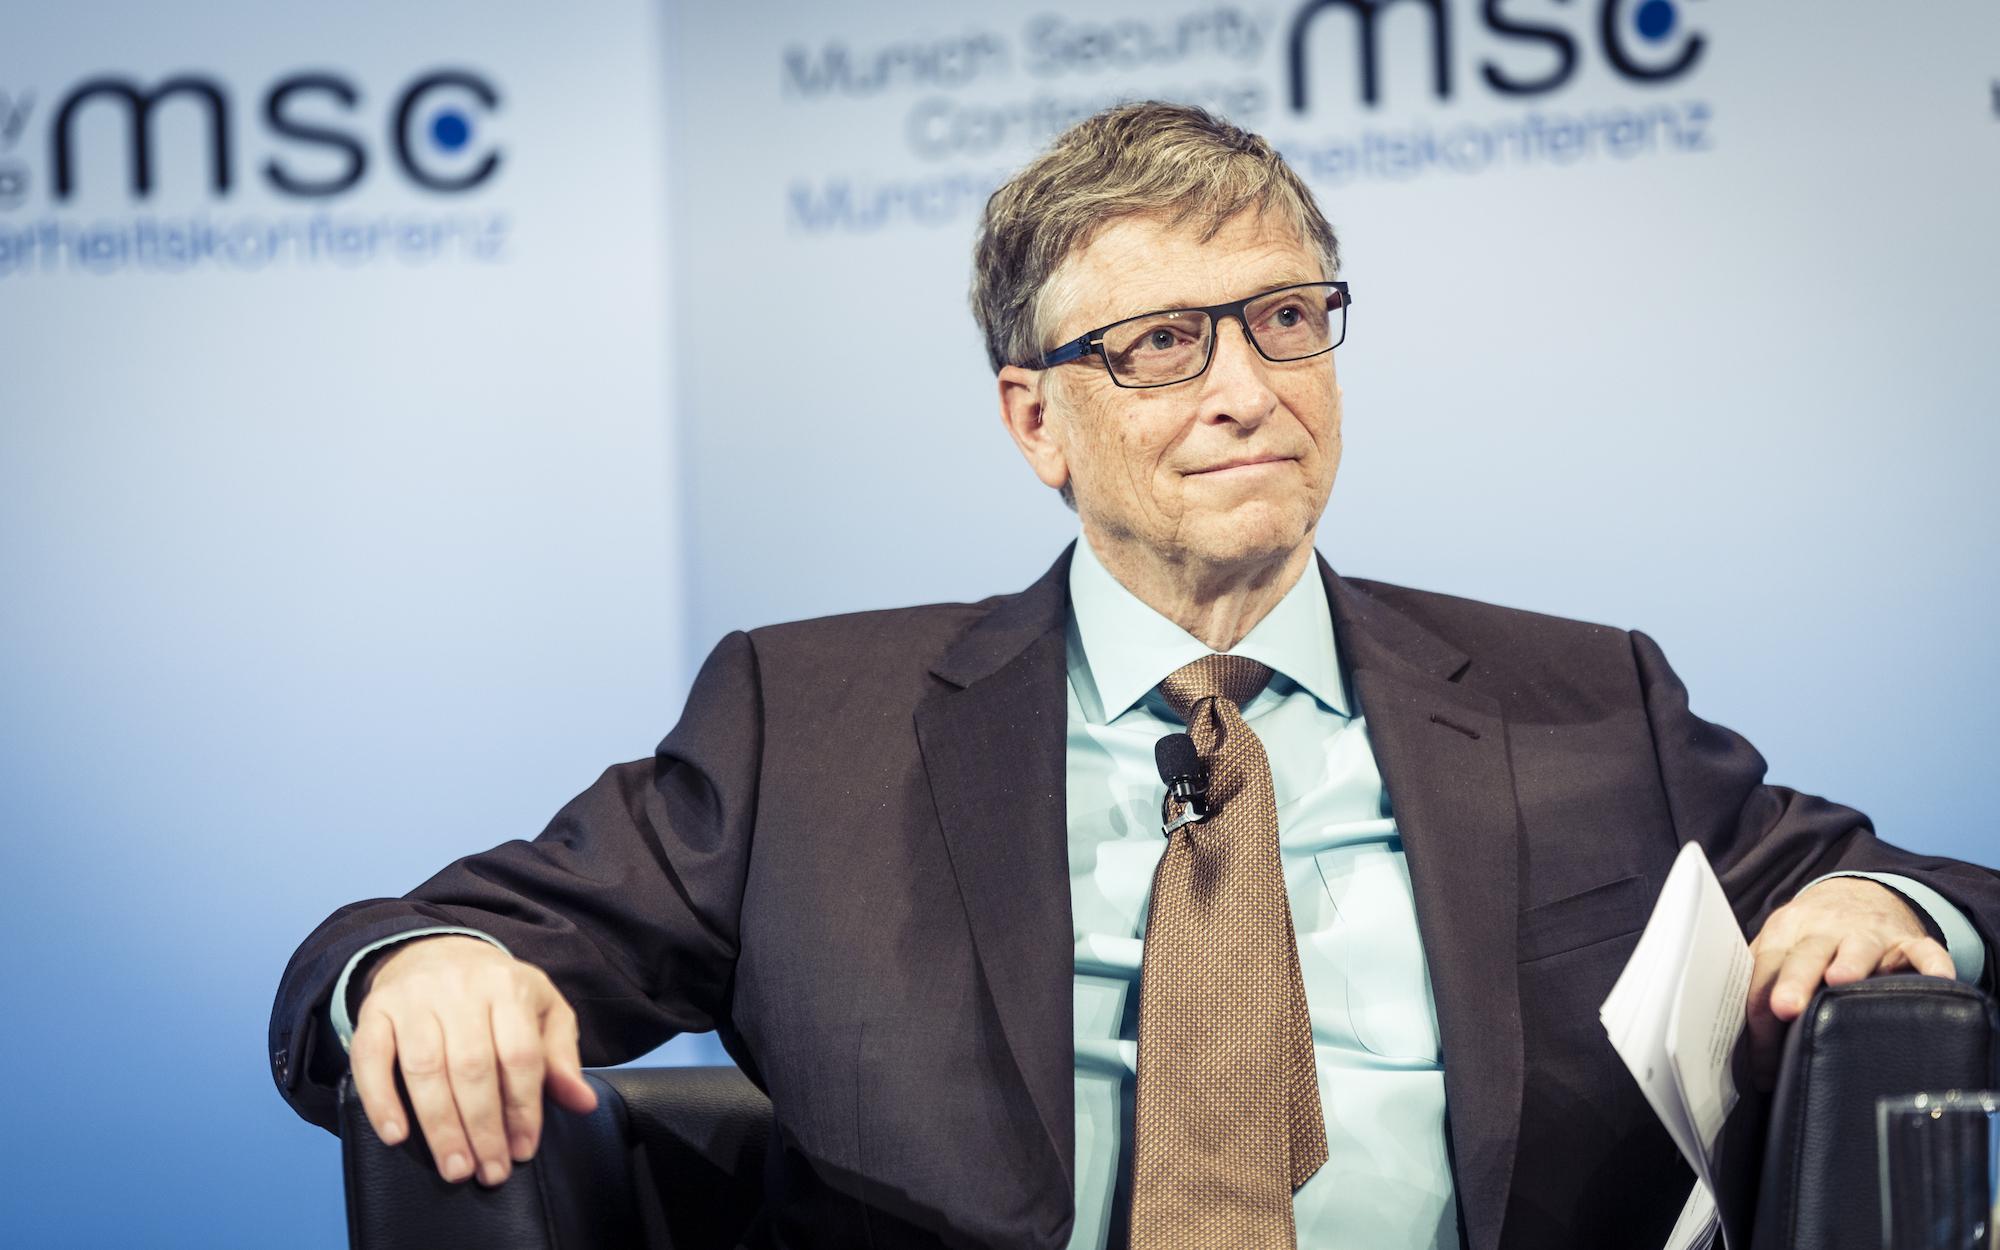 Bill Gates sollte aufhören, den Afrikanern zu sagen, welche Art von Landwirtschaft sie brauchen